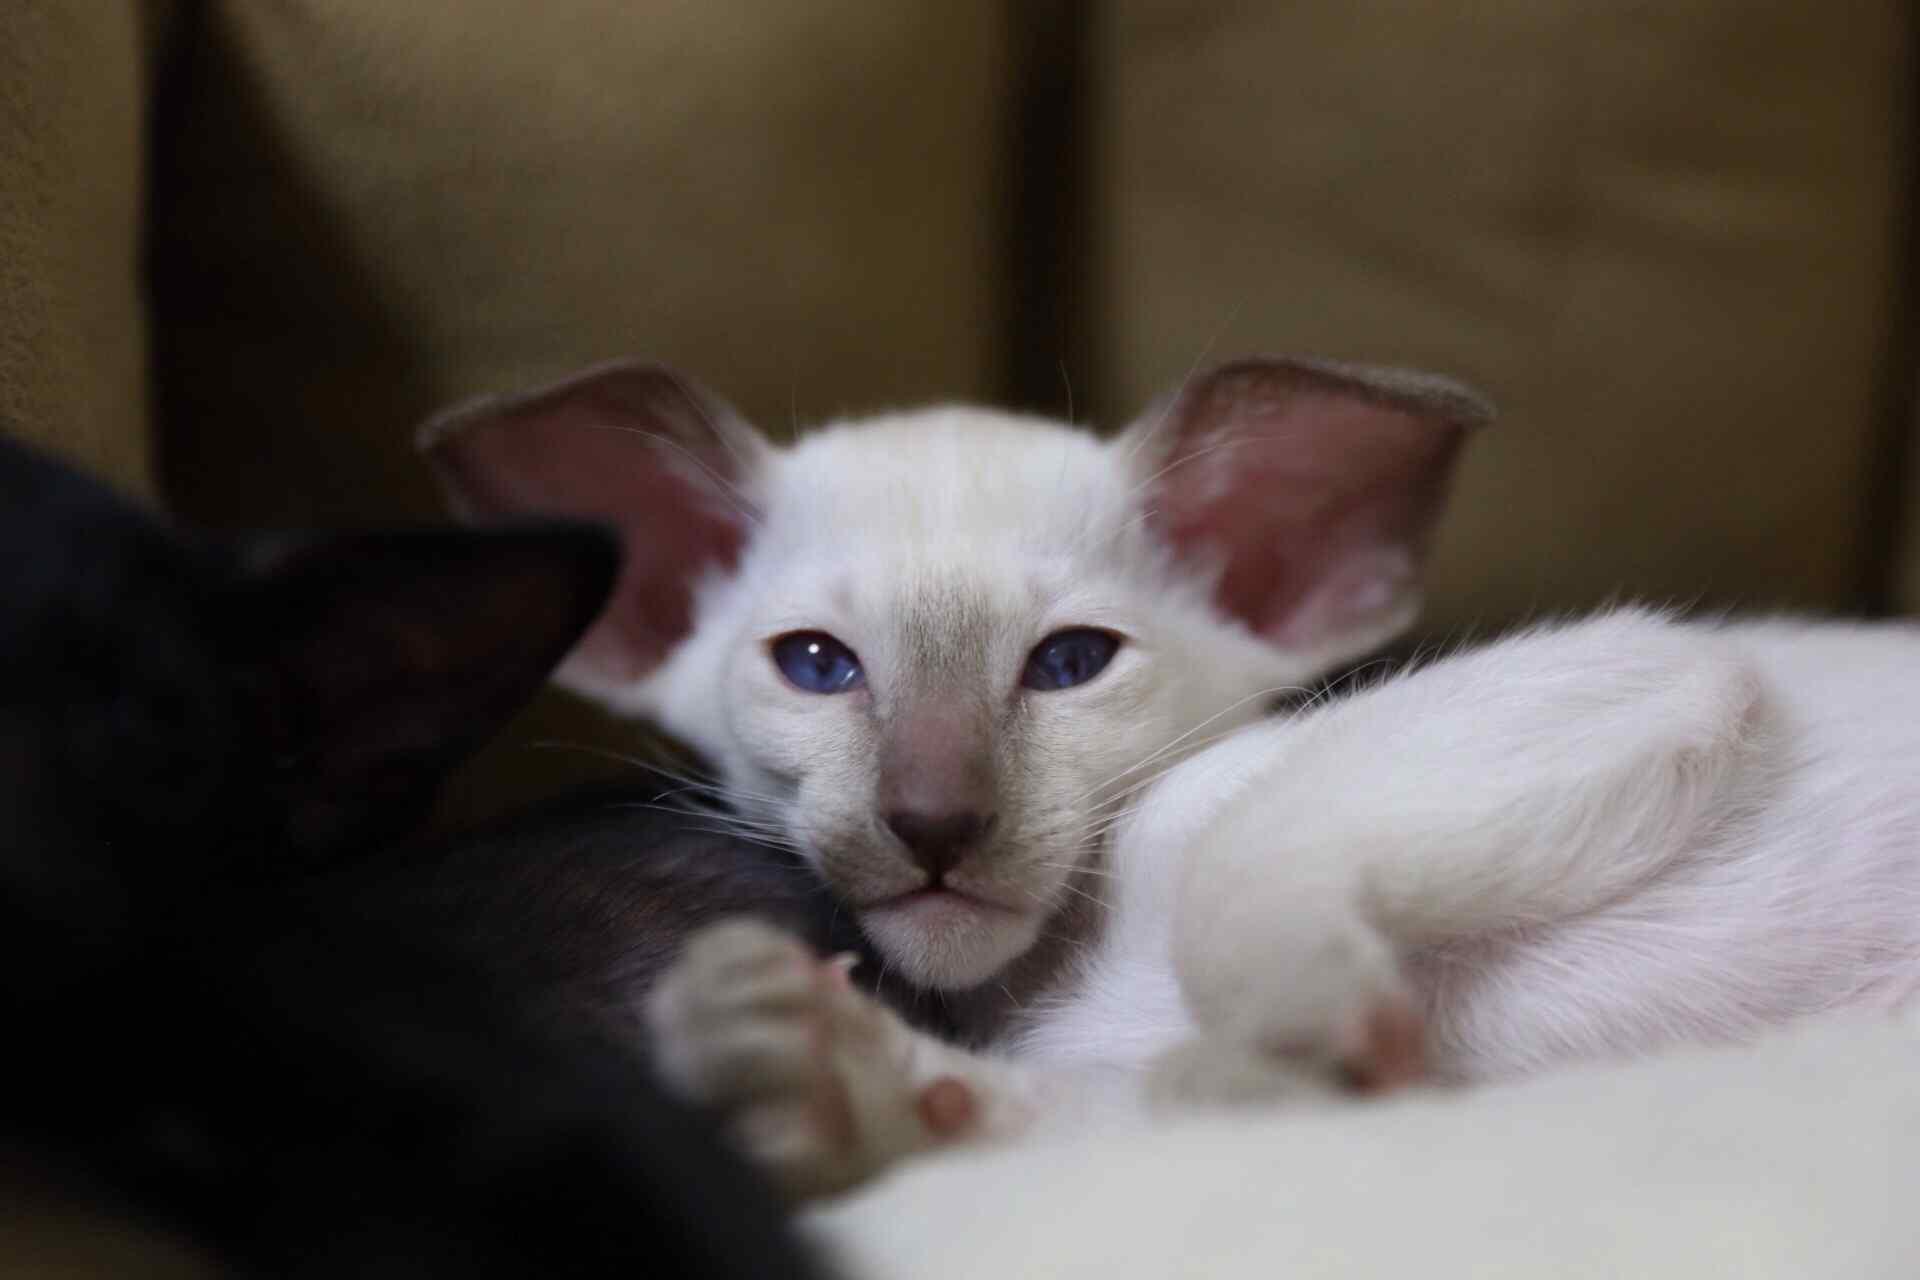 萌萌哒可爱的东方短毛猫桌面壁纸